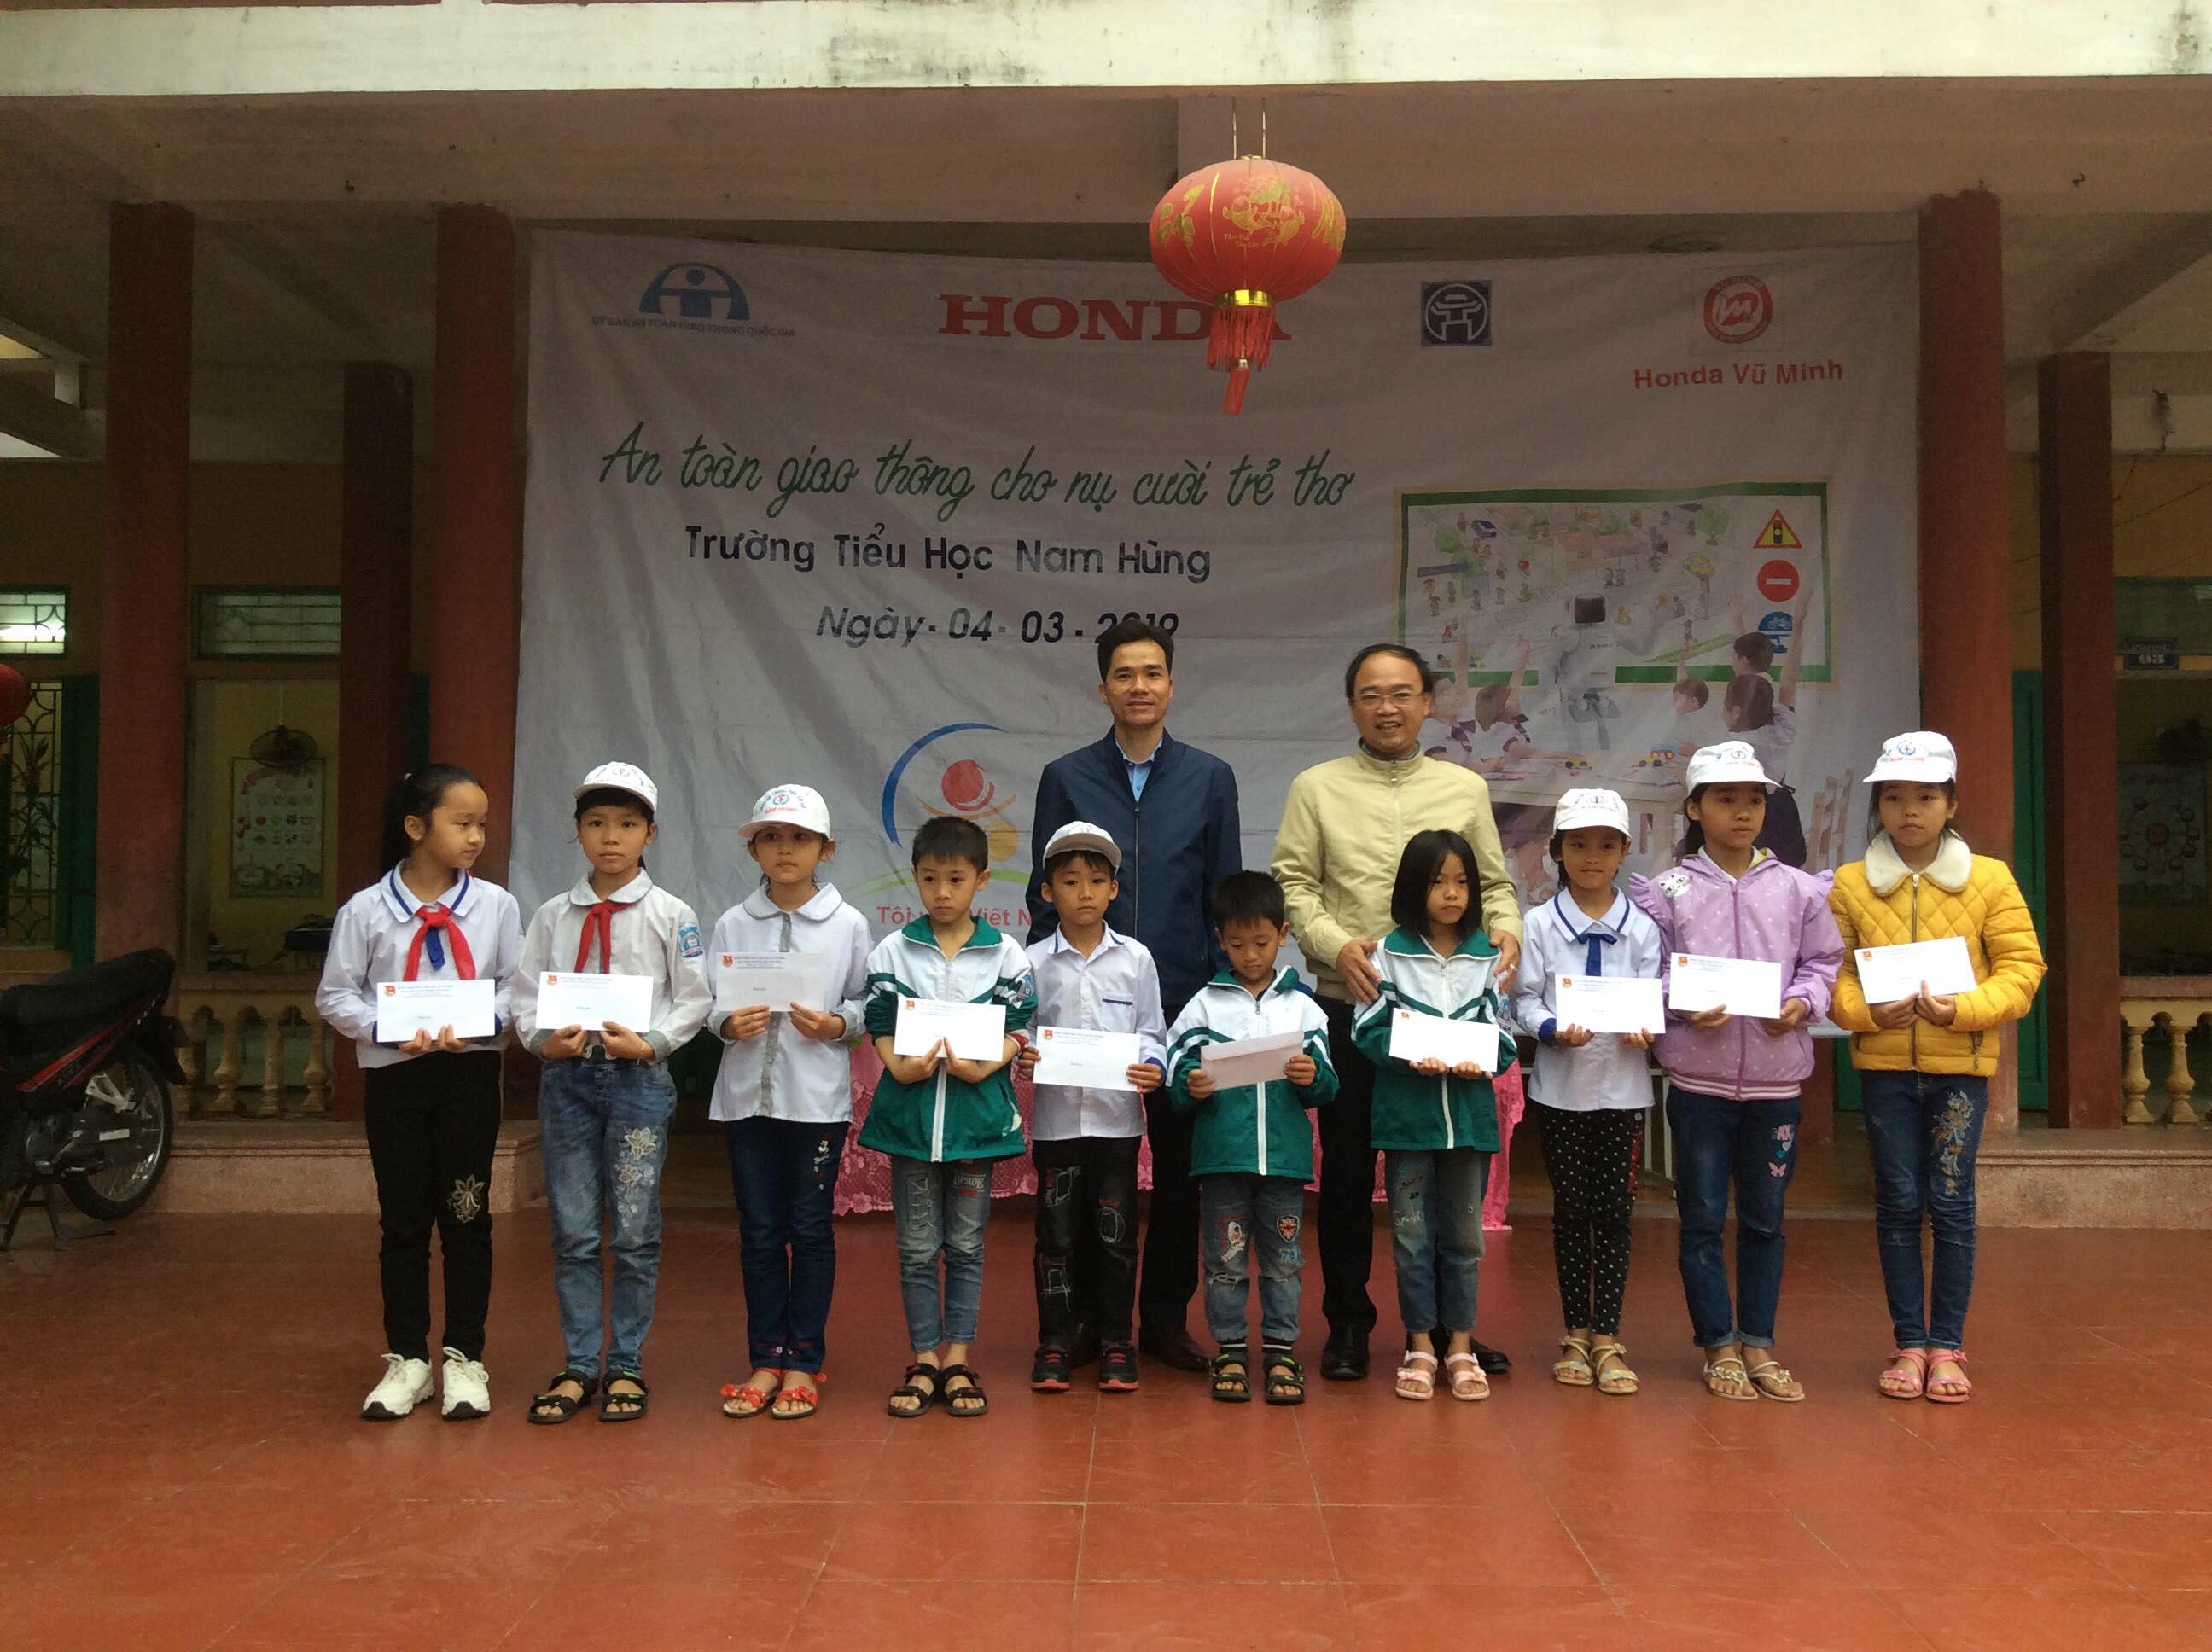 Trường tiểu học Nam Hùng tổ chức Giao lưu truyên truyền an toàn giao thông trường học